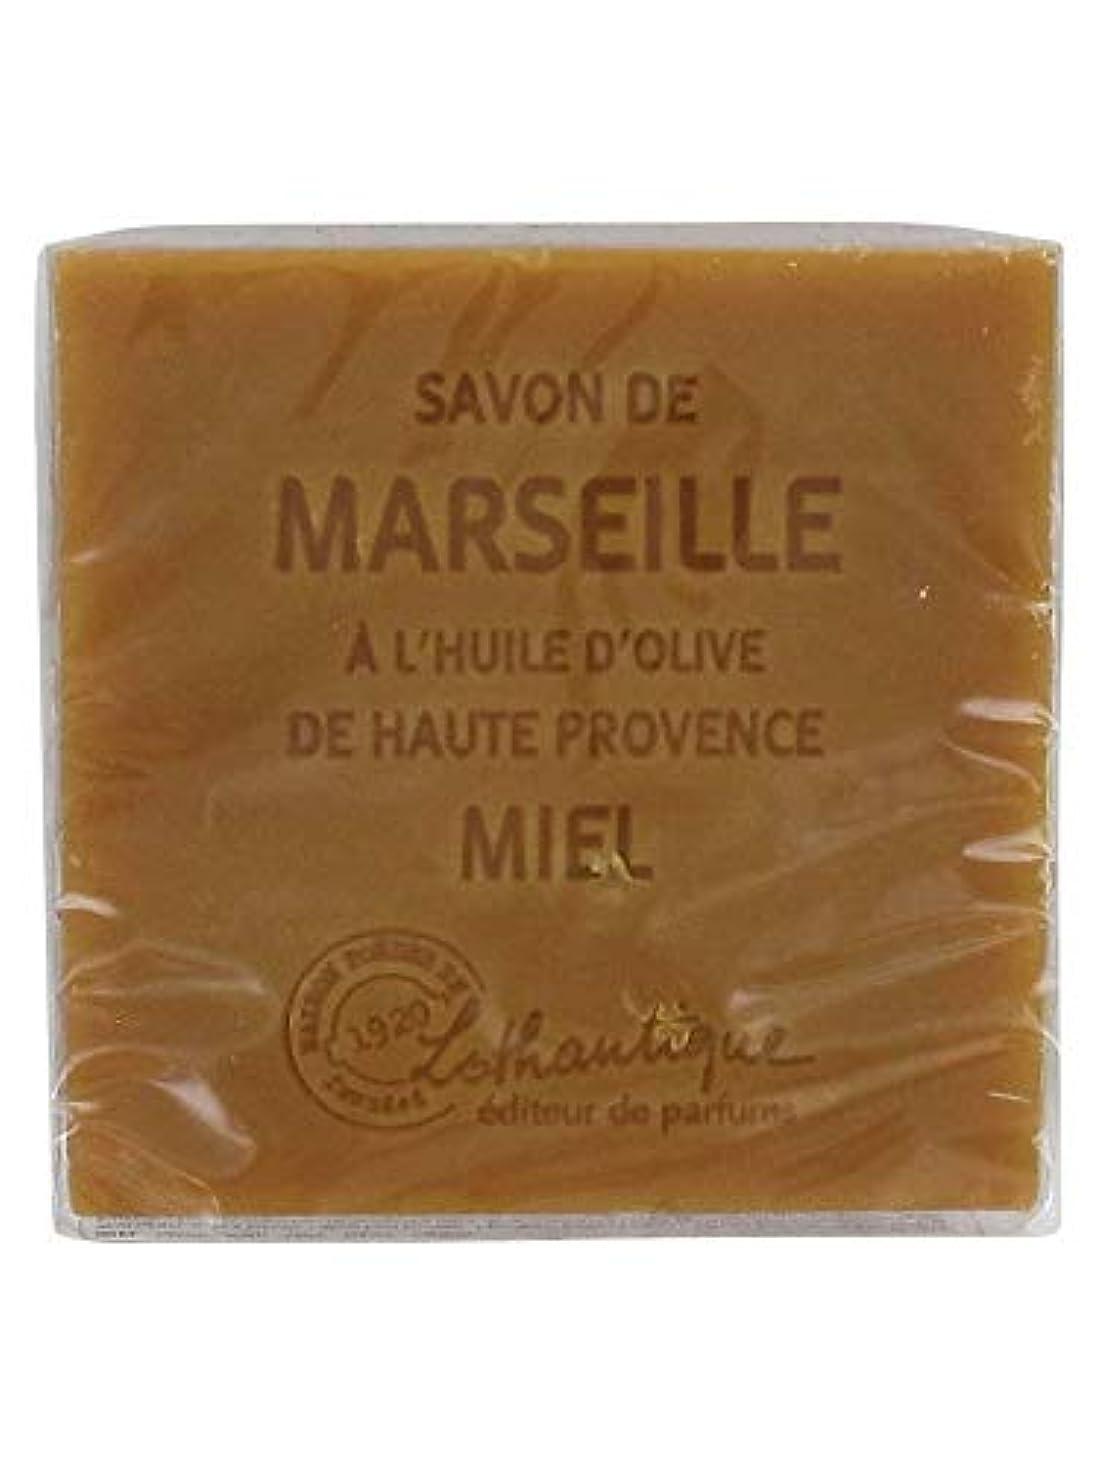 操る発音する爬虫類Lothantique(ロタンティック) Les savons de Marseille(マルセイユソープ) マルセイユソープ 100g 「ハニー」 3420070038074